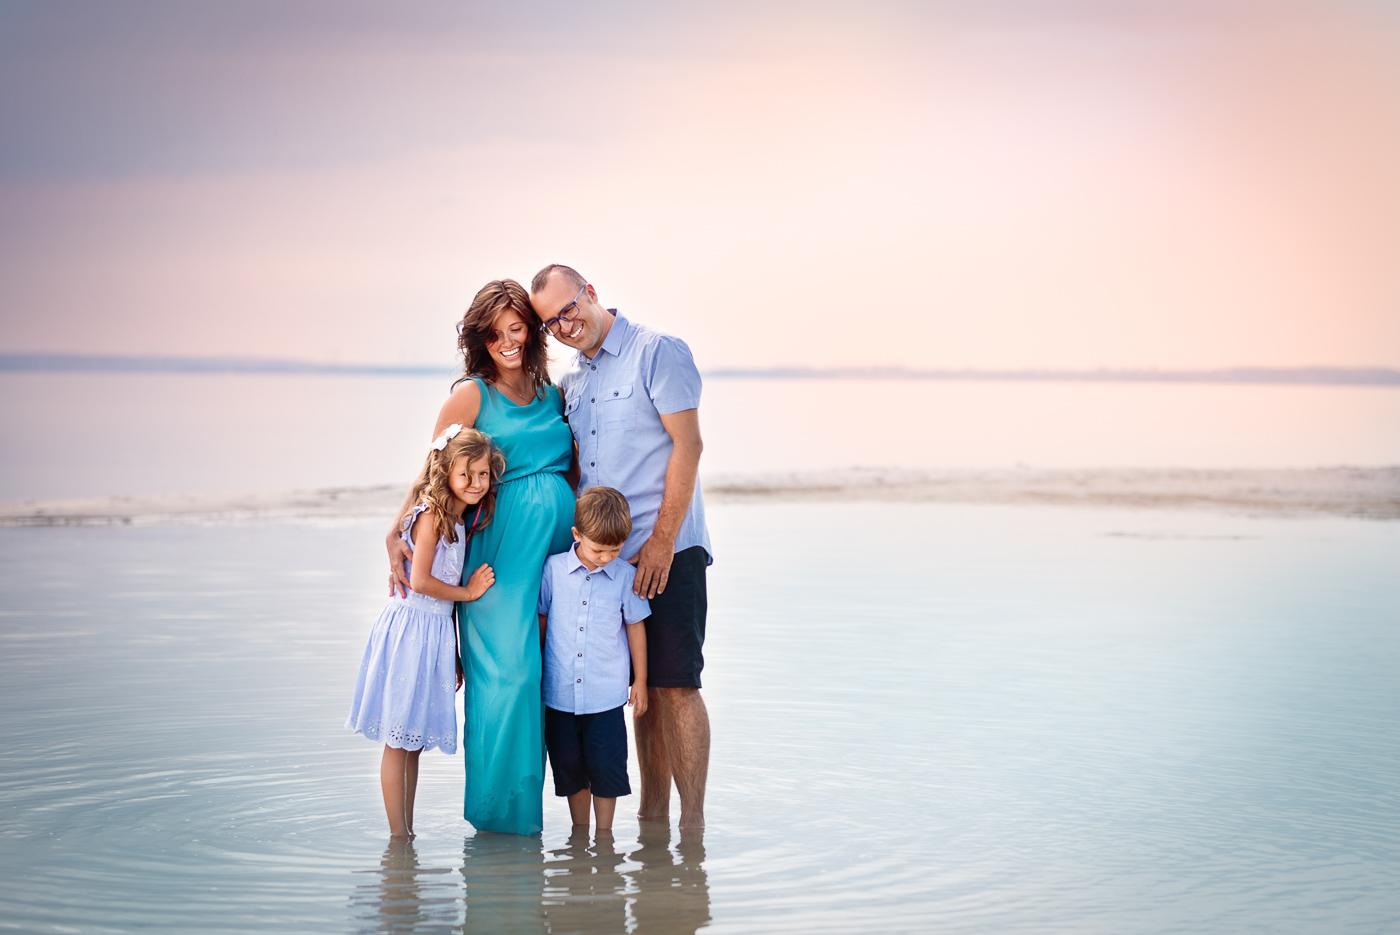 sesja zdjęciowa nad morzem o zachodzie słońca, mama tata, syn, córka stoją w wodzie na sesji, zdjecie Anita talaśka Fotografia